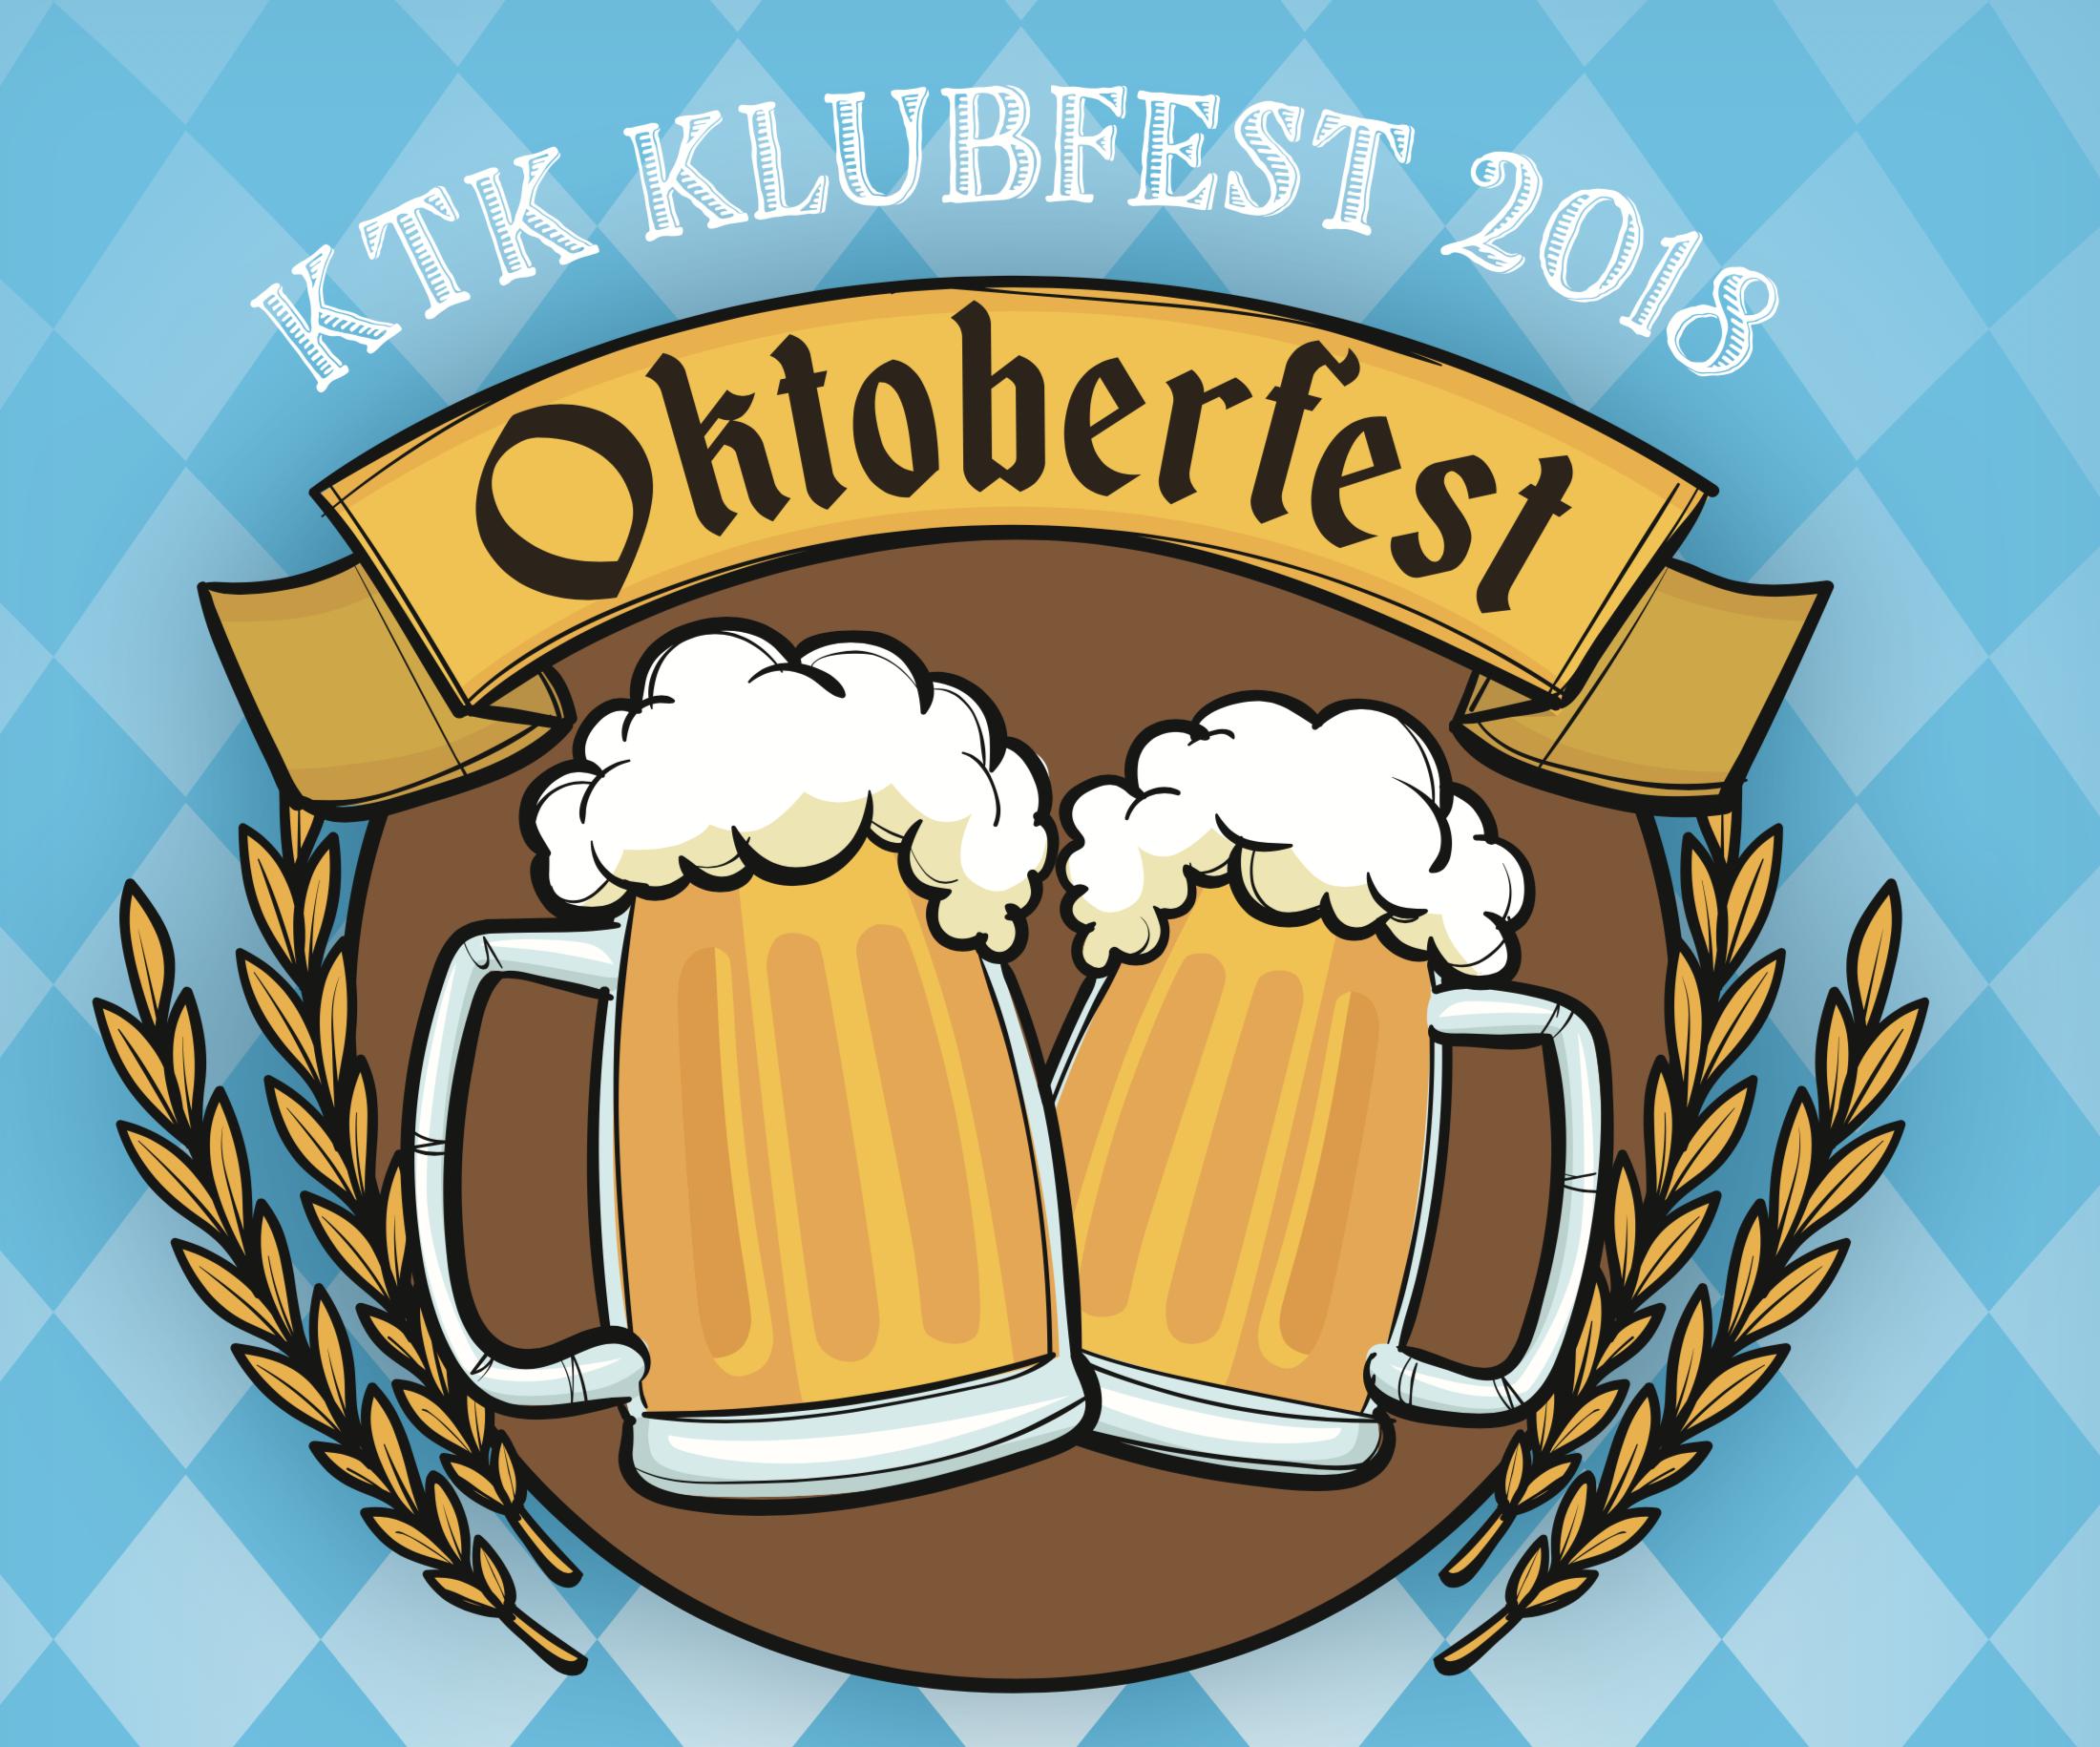 Klubfest 2018 aka Oktoberfest